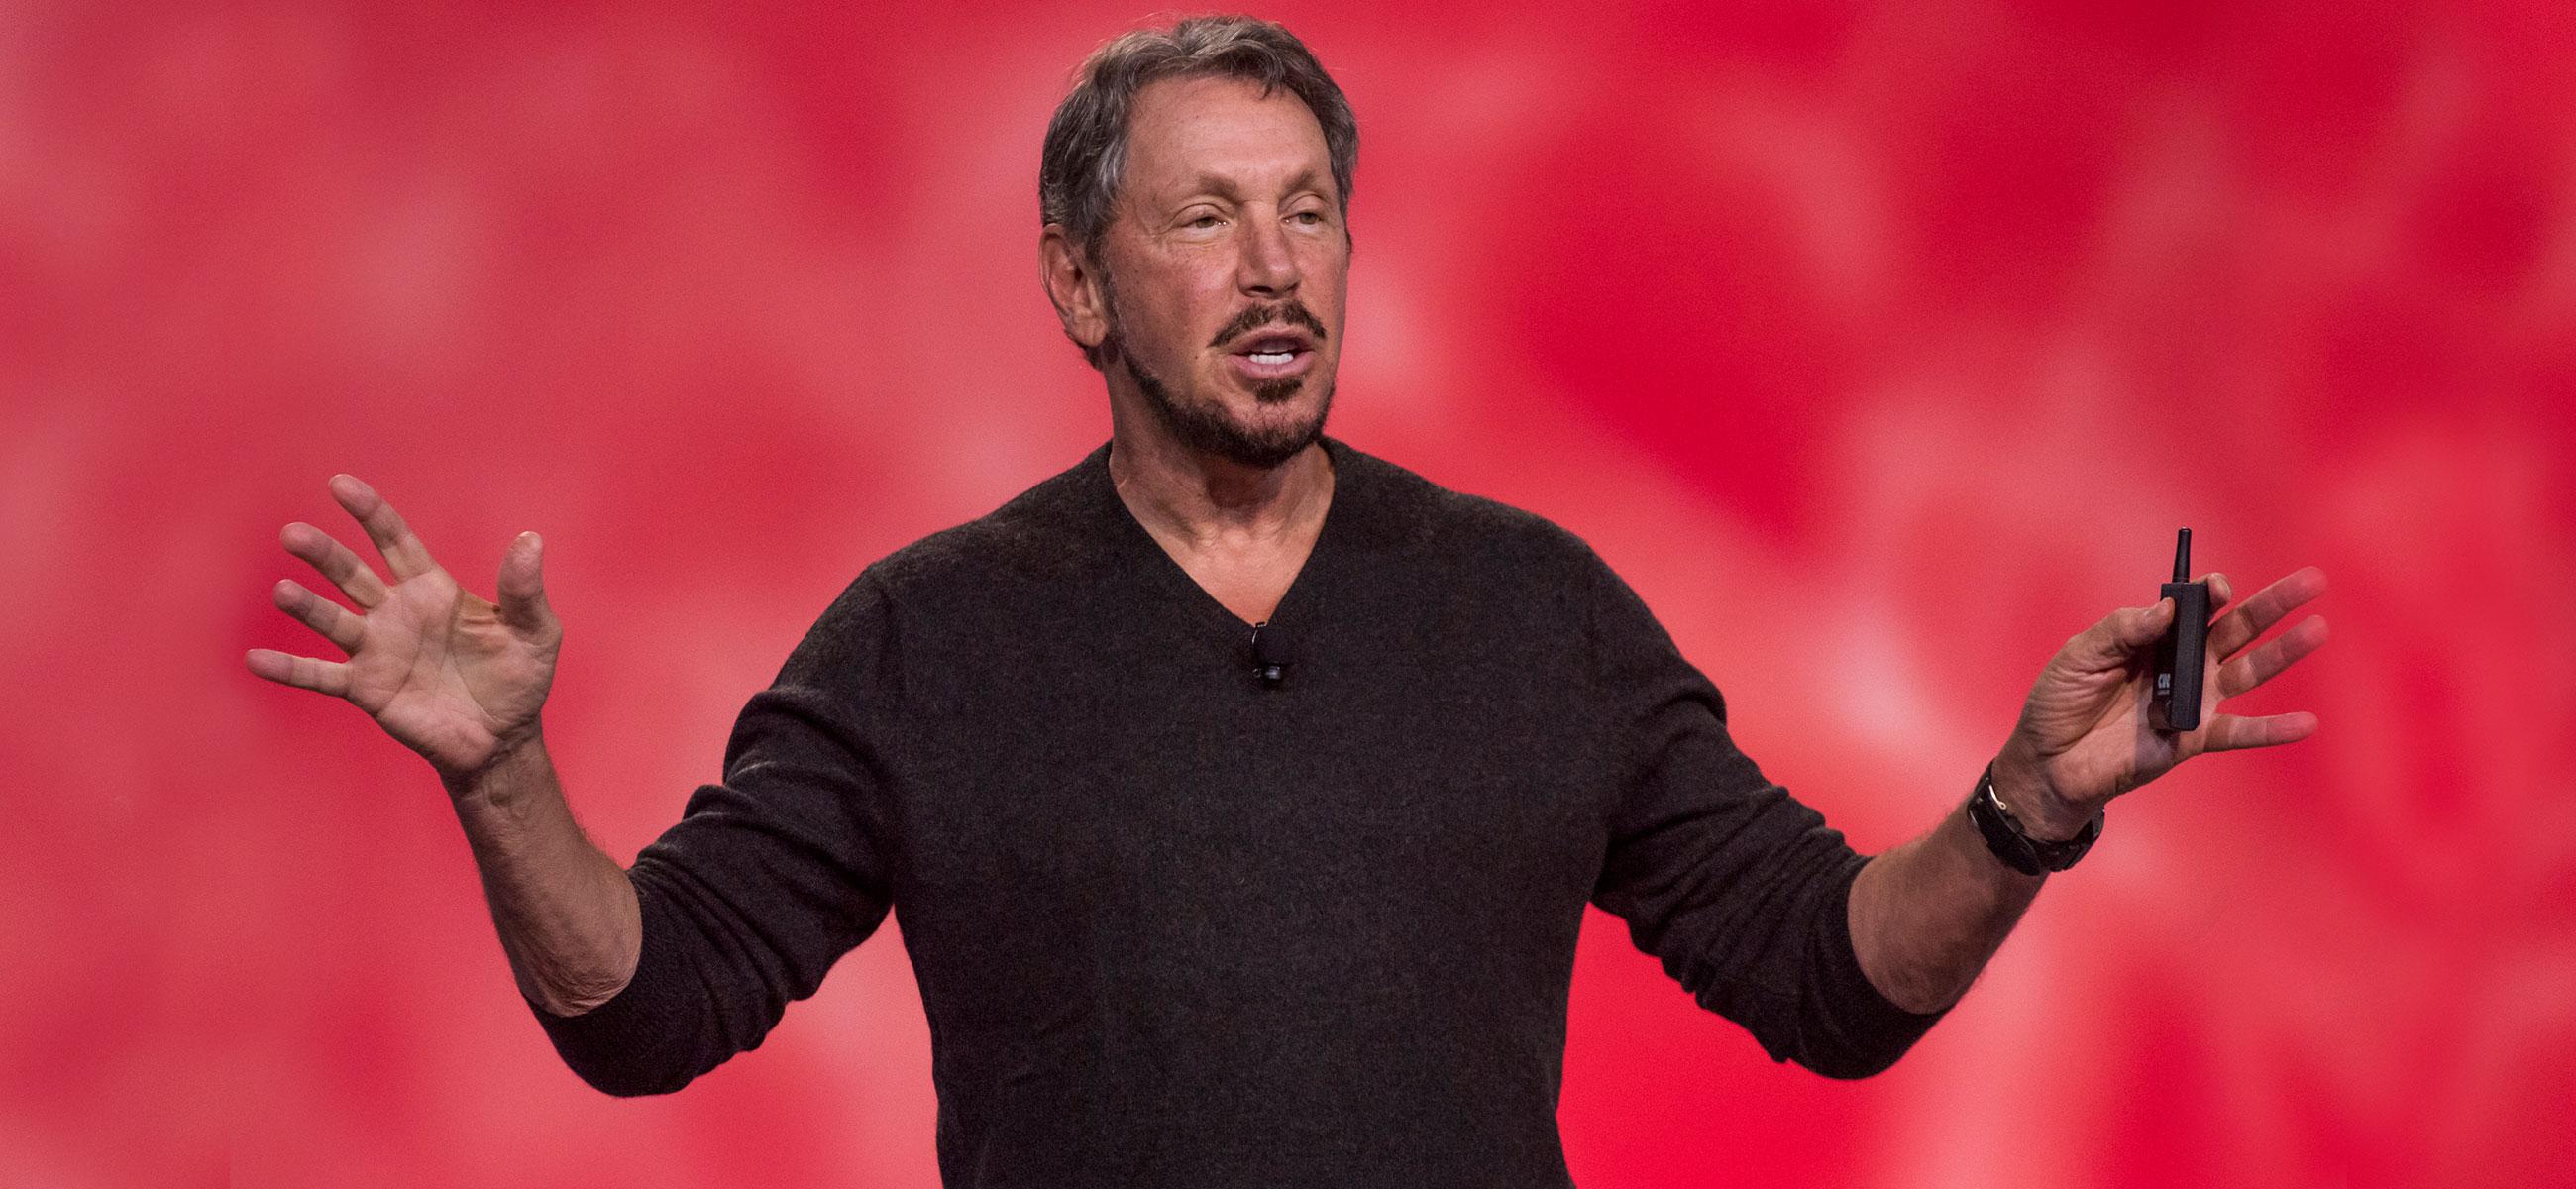 История Oracle: как Ларри Эллисон доехал до многомиллиардного состояния на  дешевом велосипеде с остановкой в ЦРУ - Inc. Russia